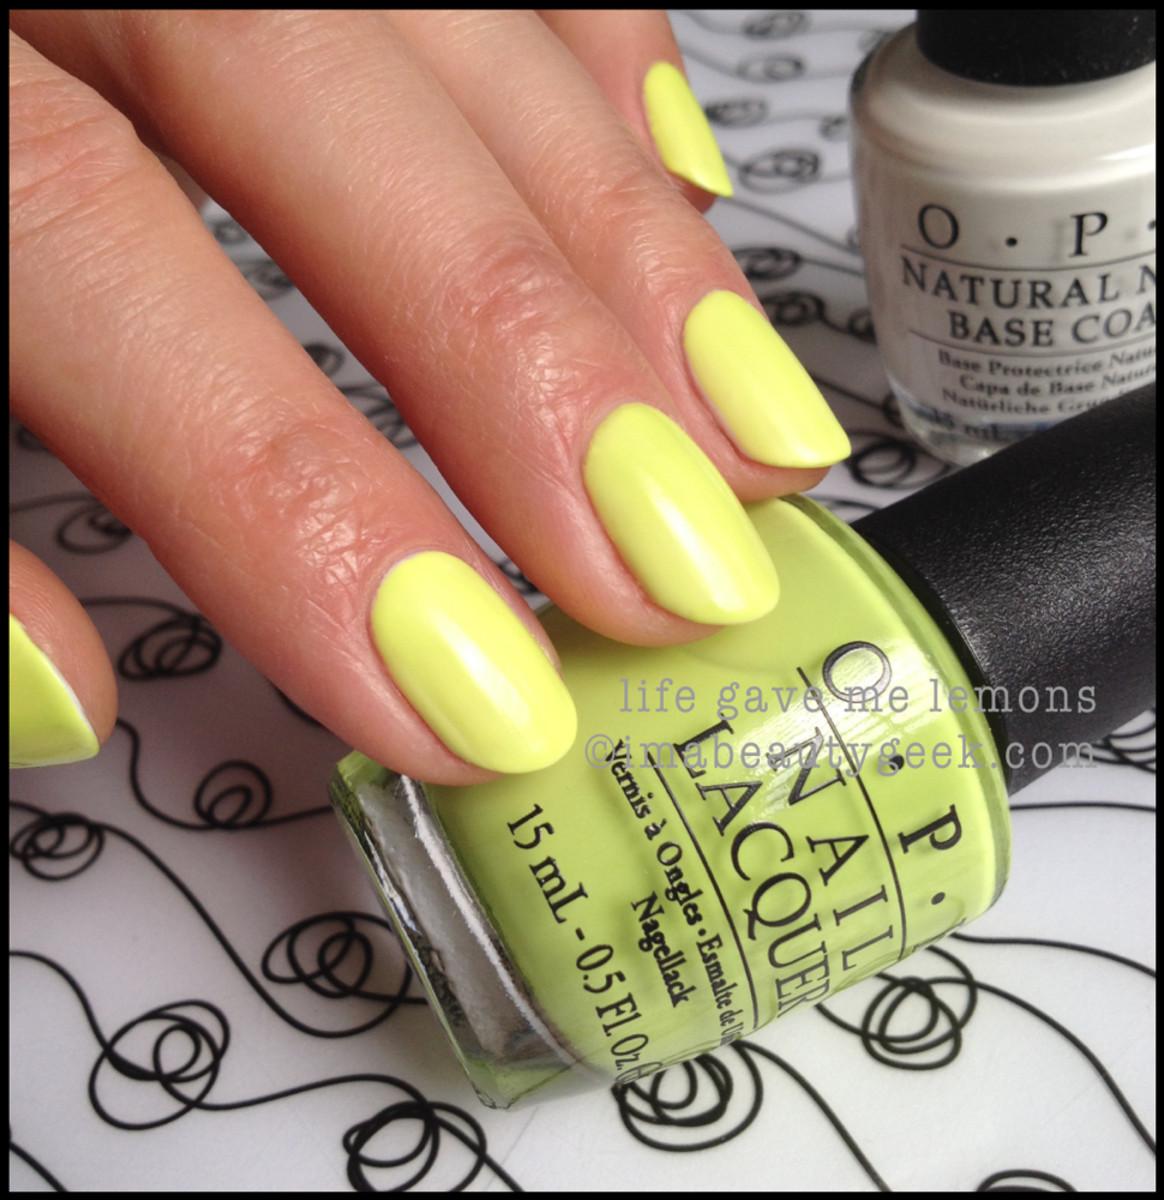 OPI Life Gave Me Lemons Neon 2014